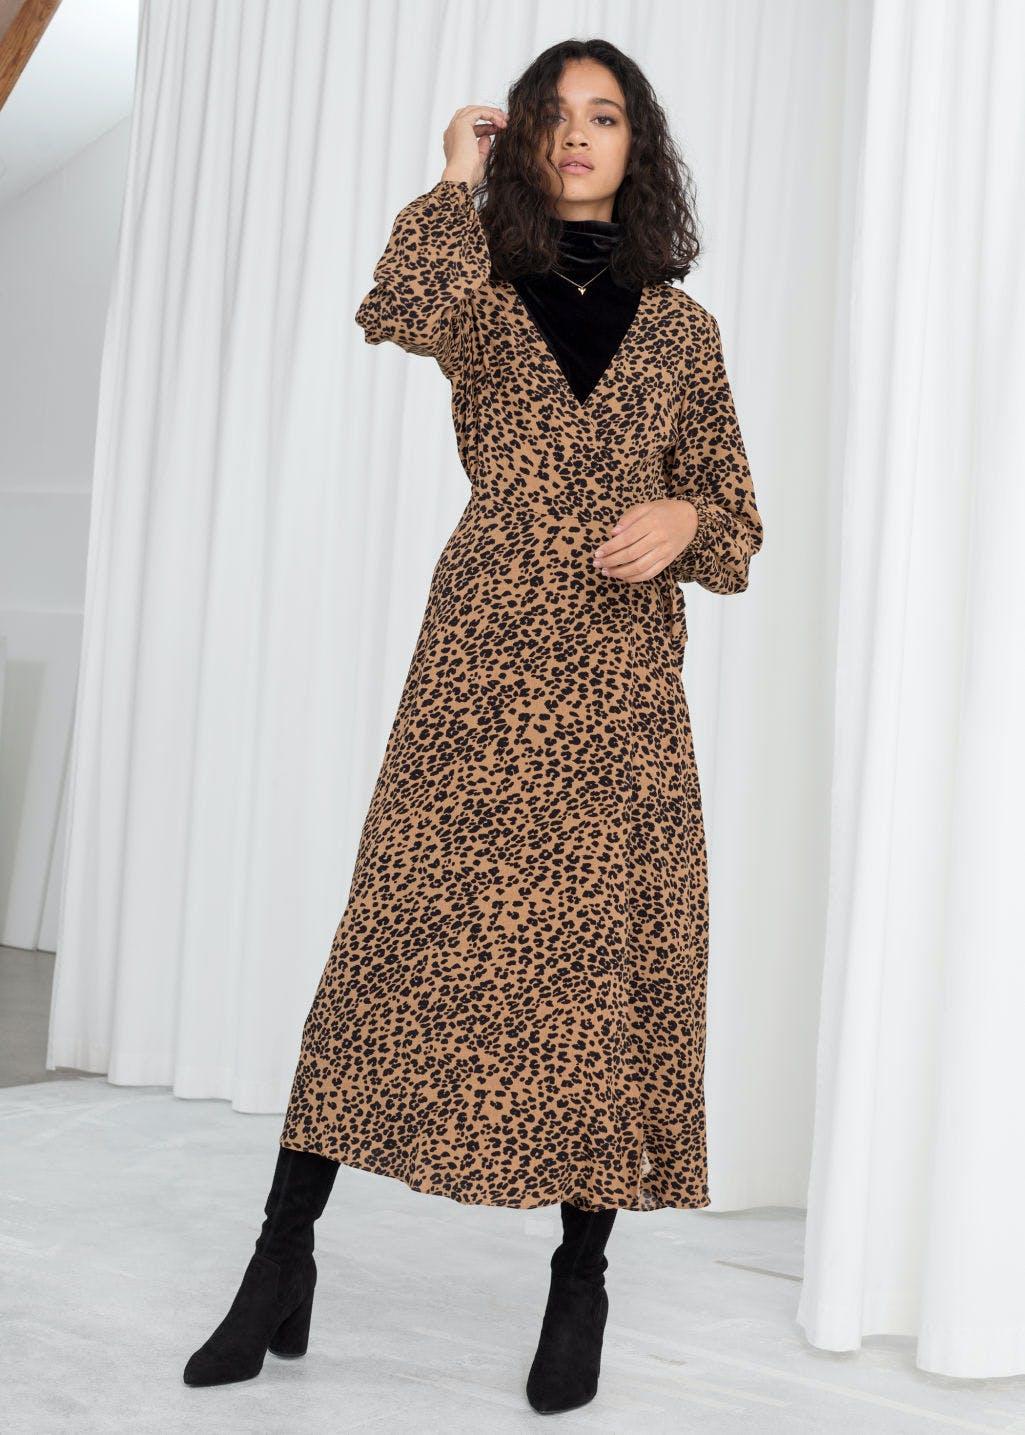 afa5b86febca9 Topshop Red Leopard Print Midi Dress – DACC